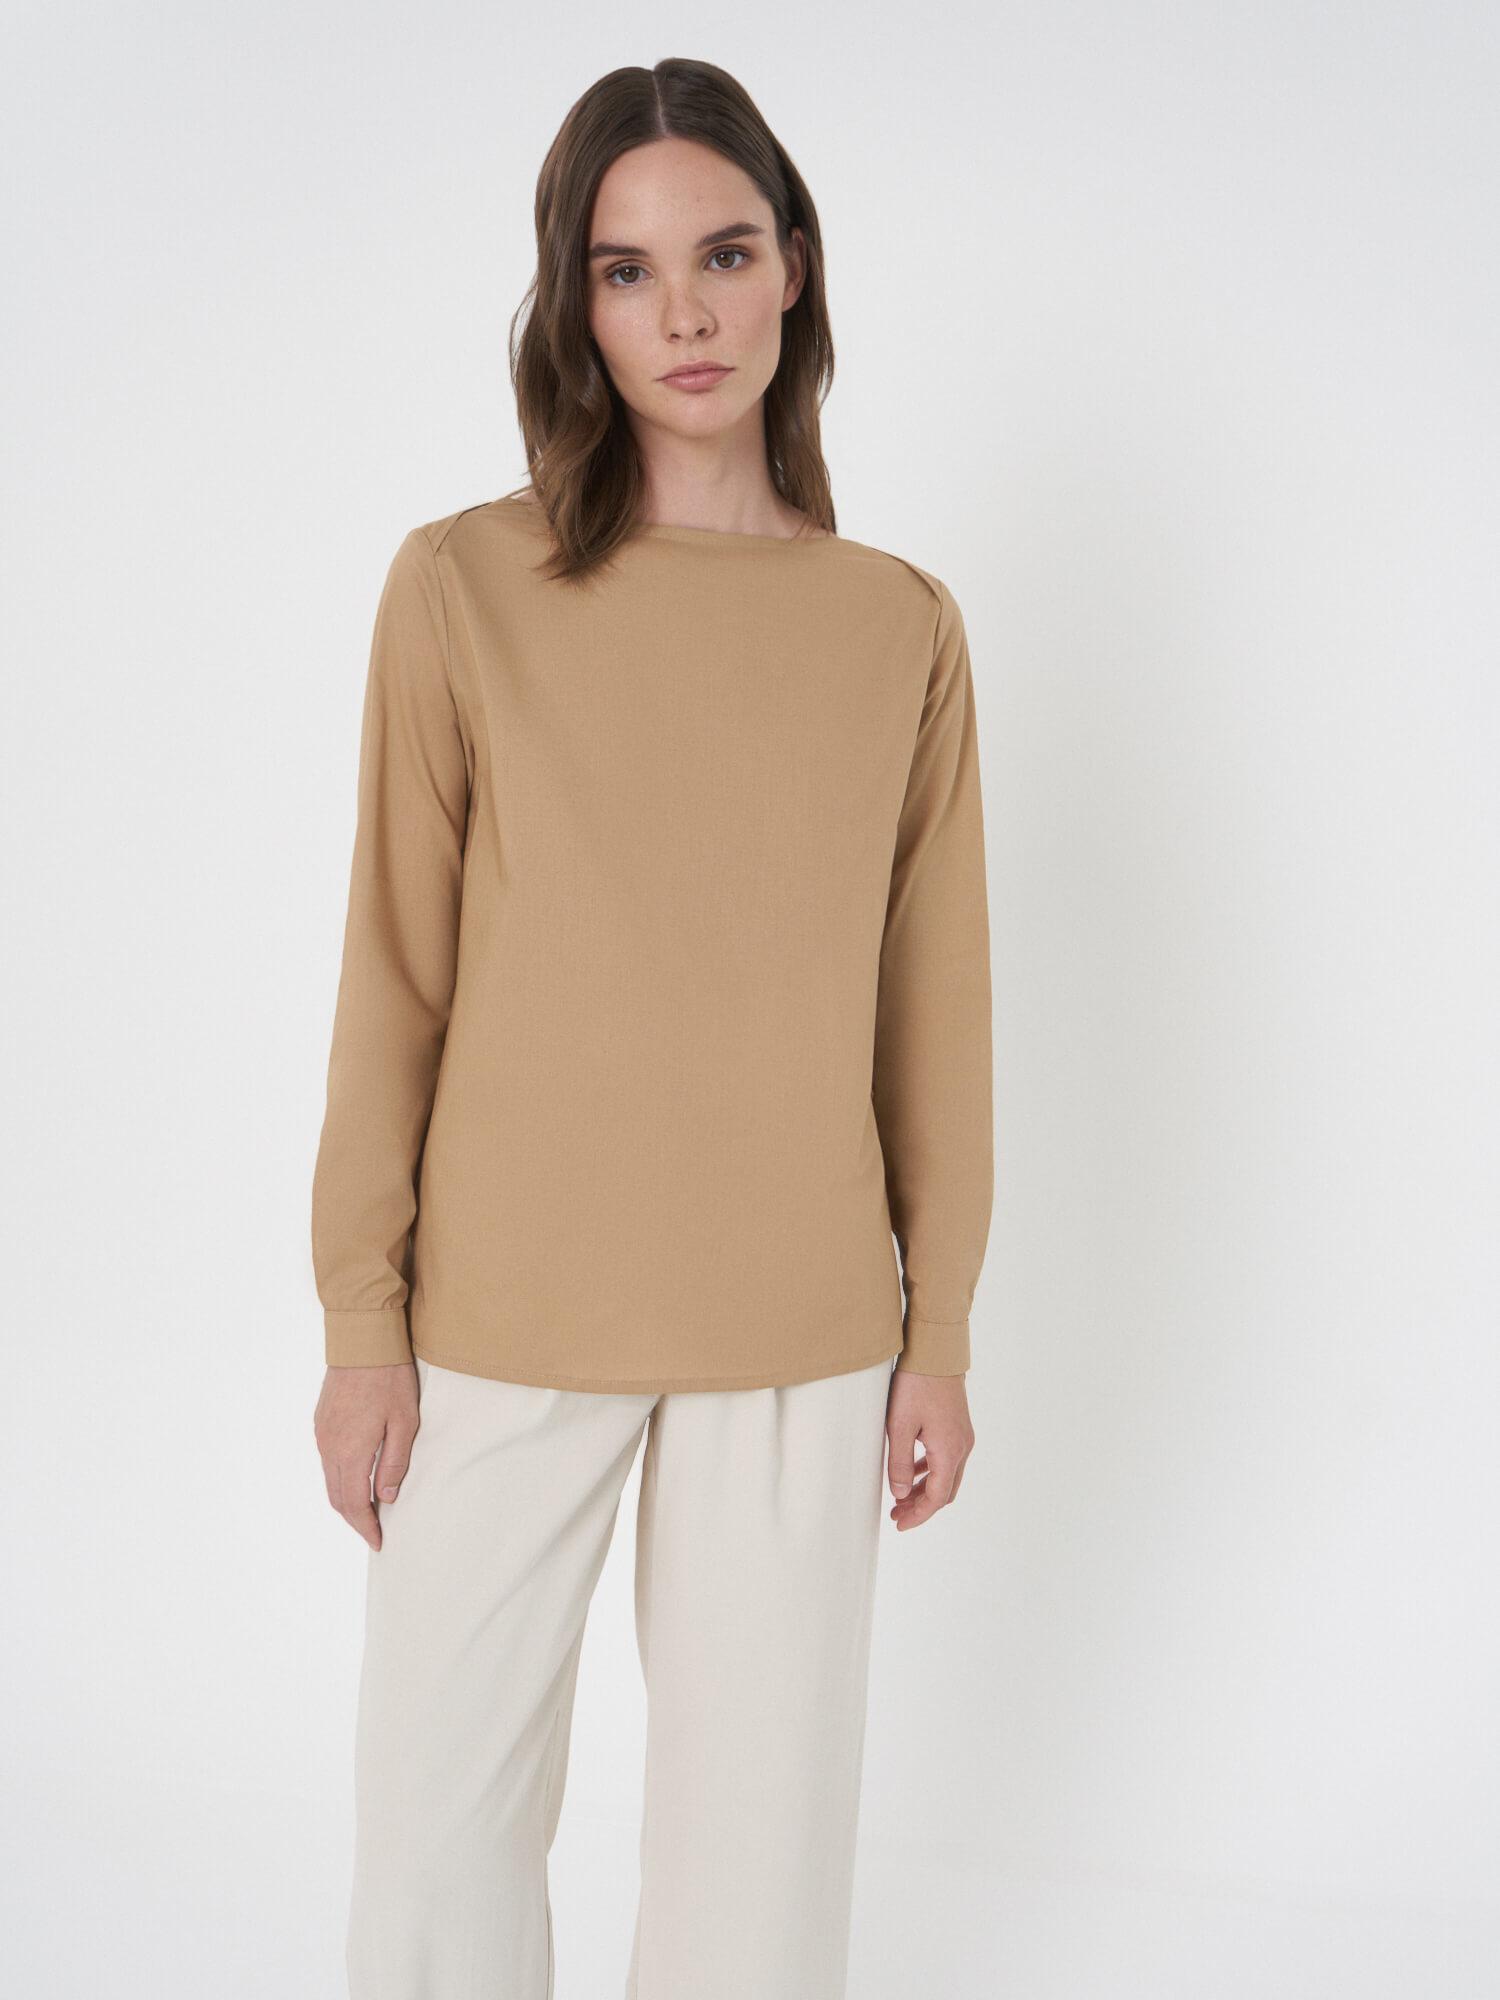 Рубашка Debora с плечевыми срезами внахлест